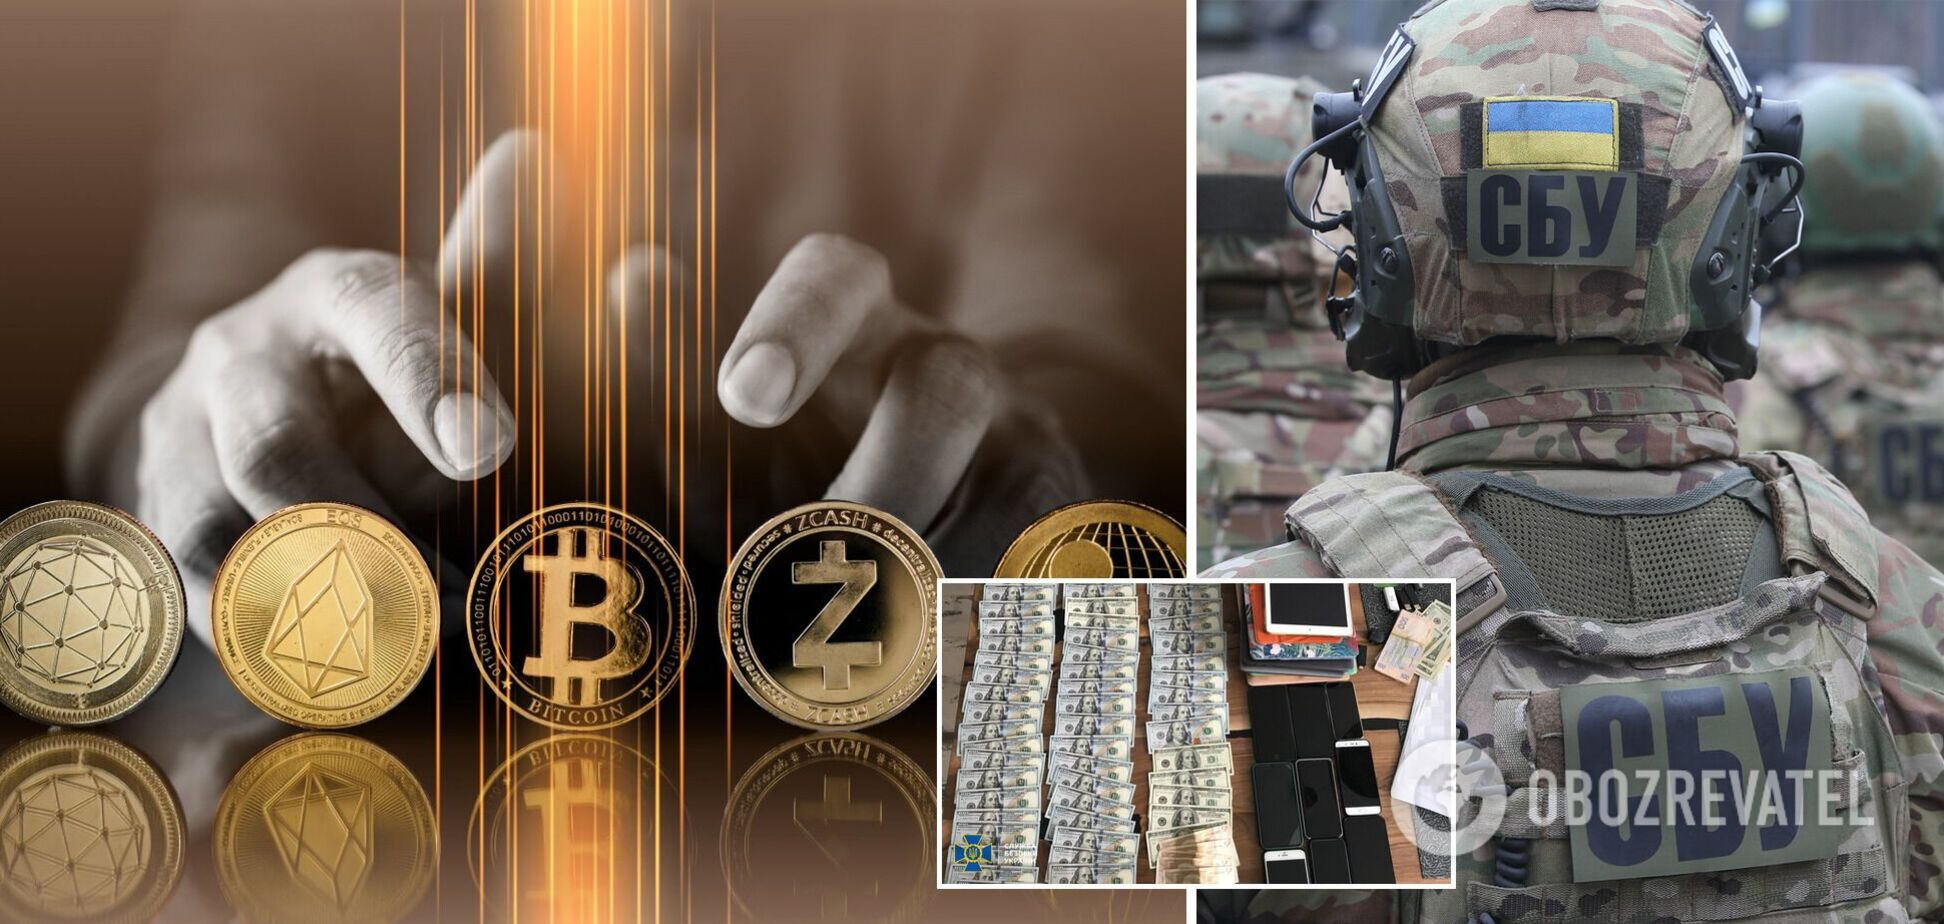 СБУ изъяла 800 кг серебра у финансировавших ''Л/ДНР'' криптовалютчиков. Фото и видео